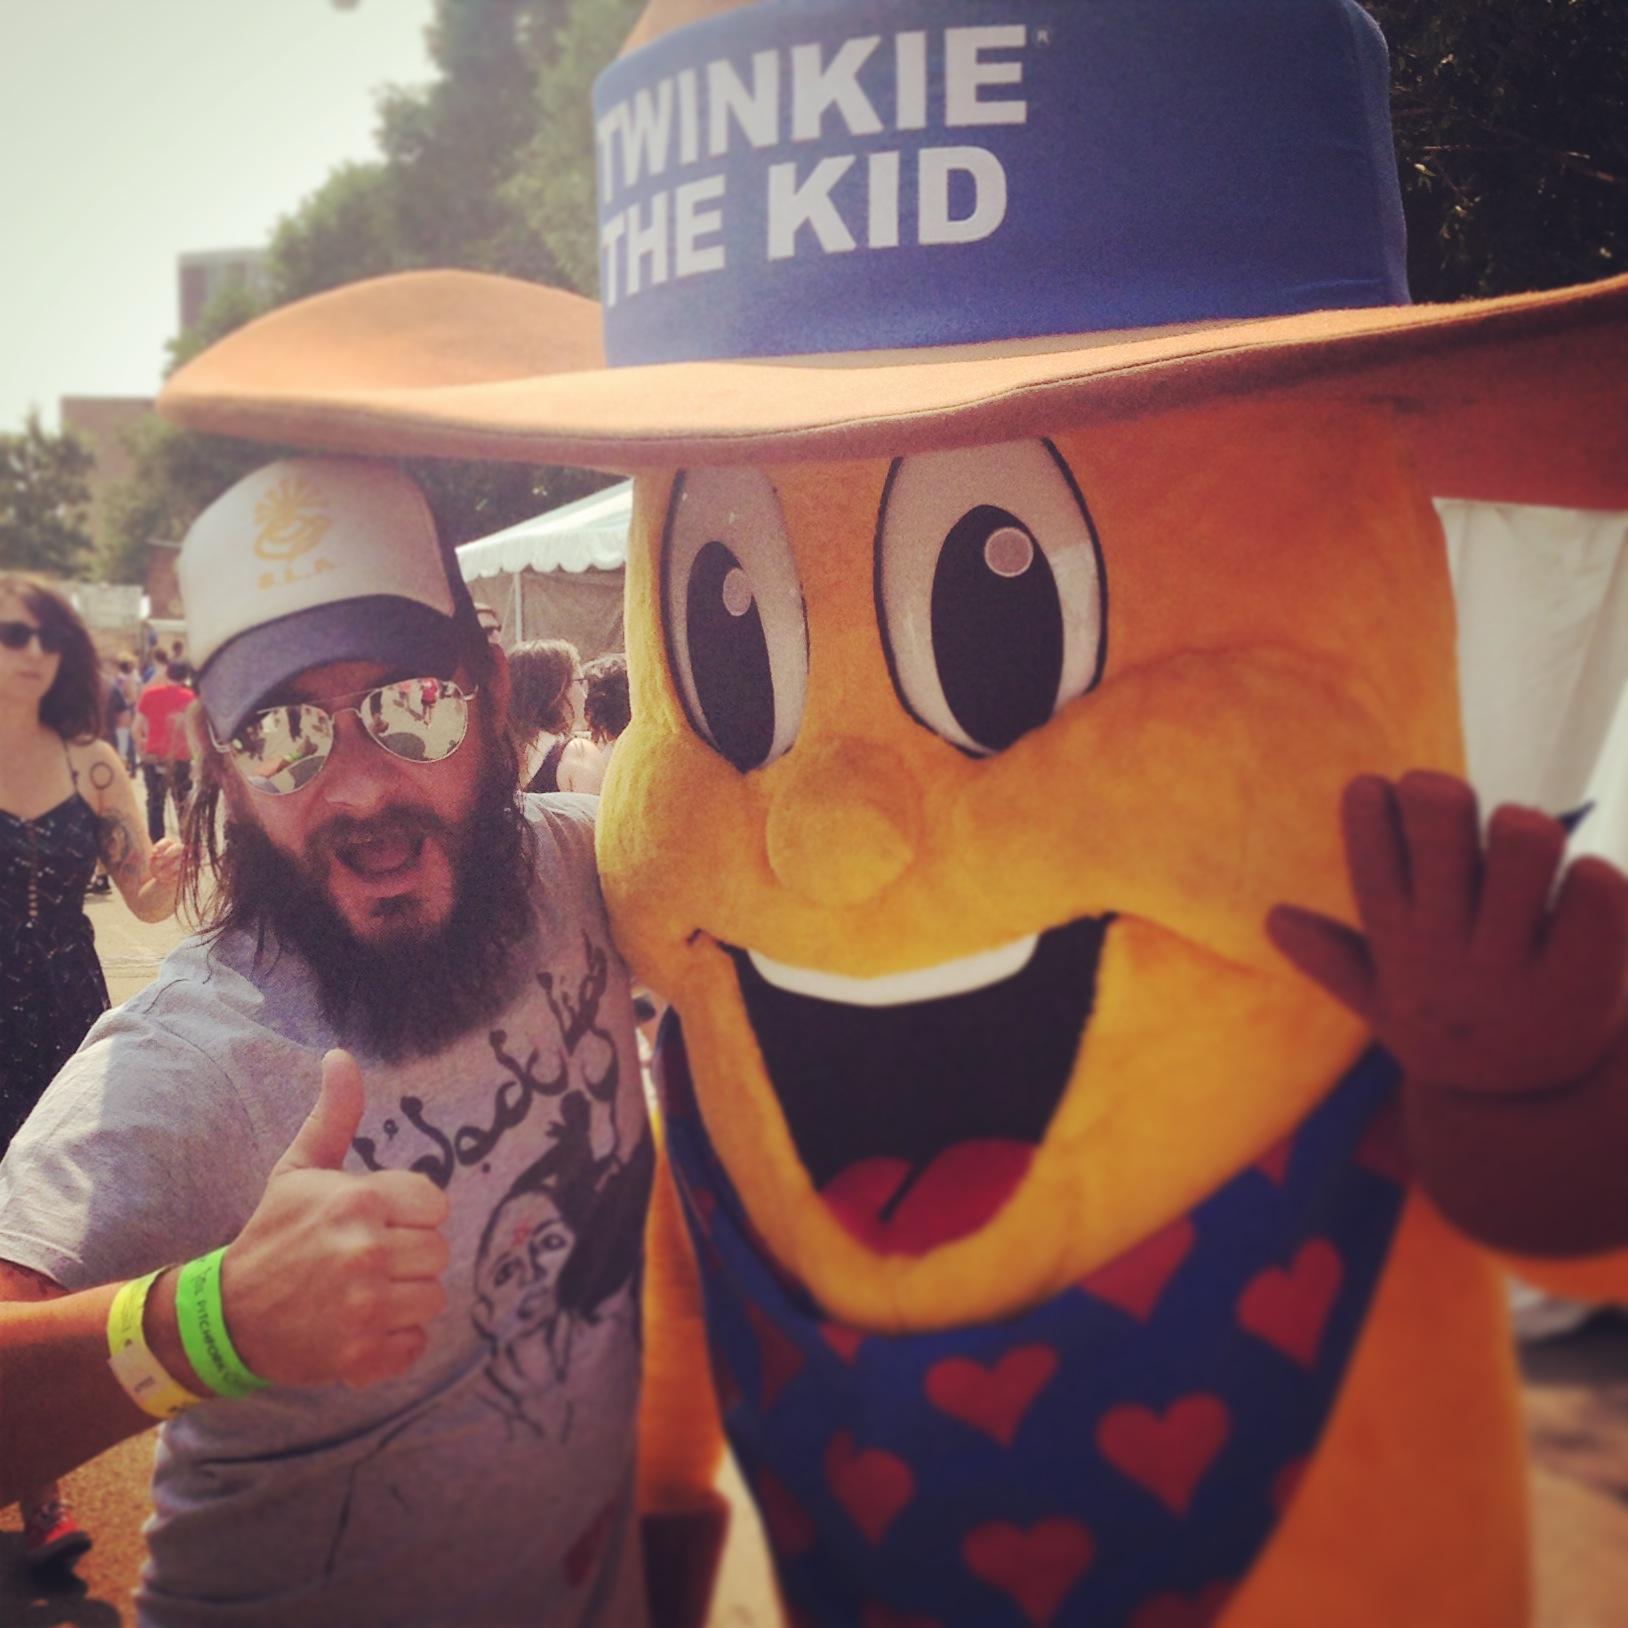 My buddy, Twinkie the Kid